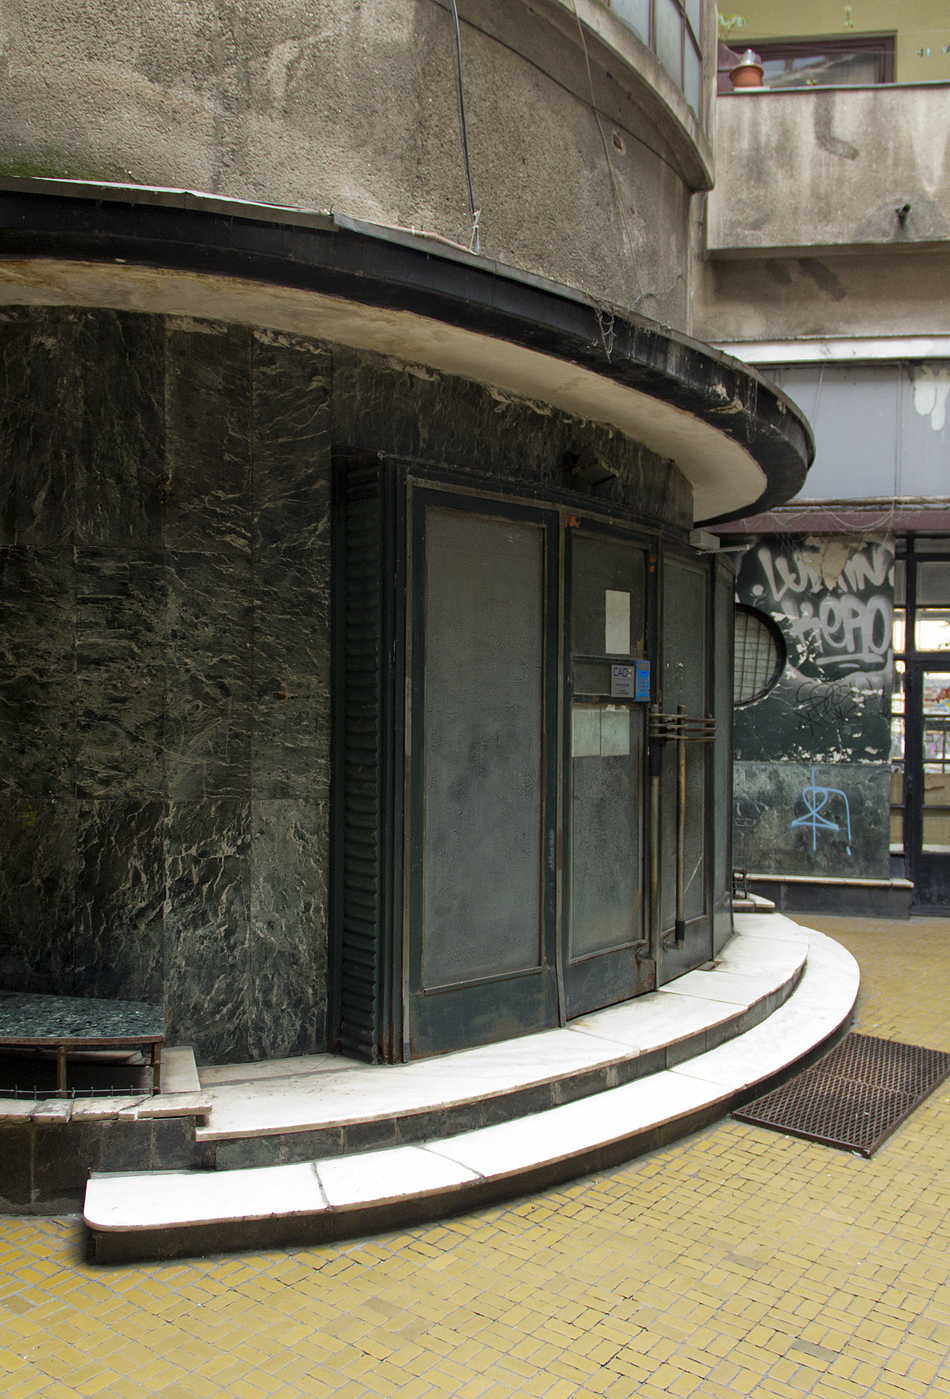 Bukarest, Wohnhaus von Tiberiu Niga in der Calea Victoriei